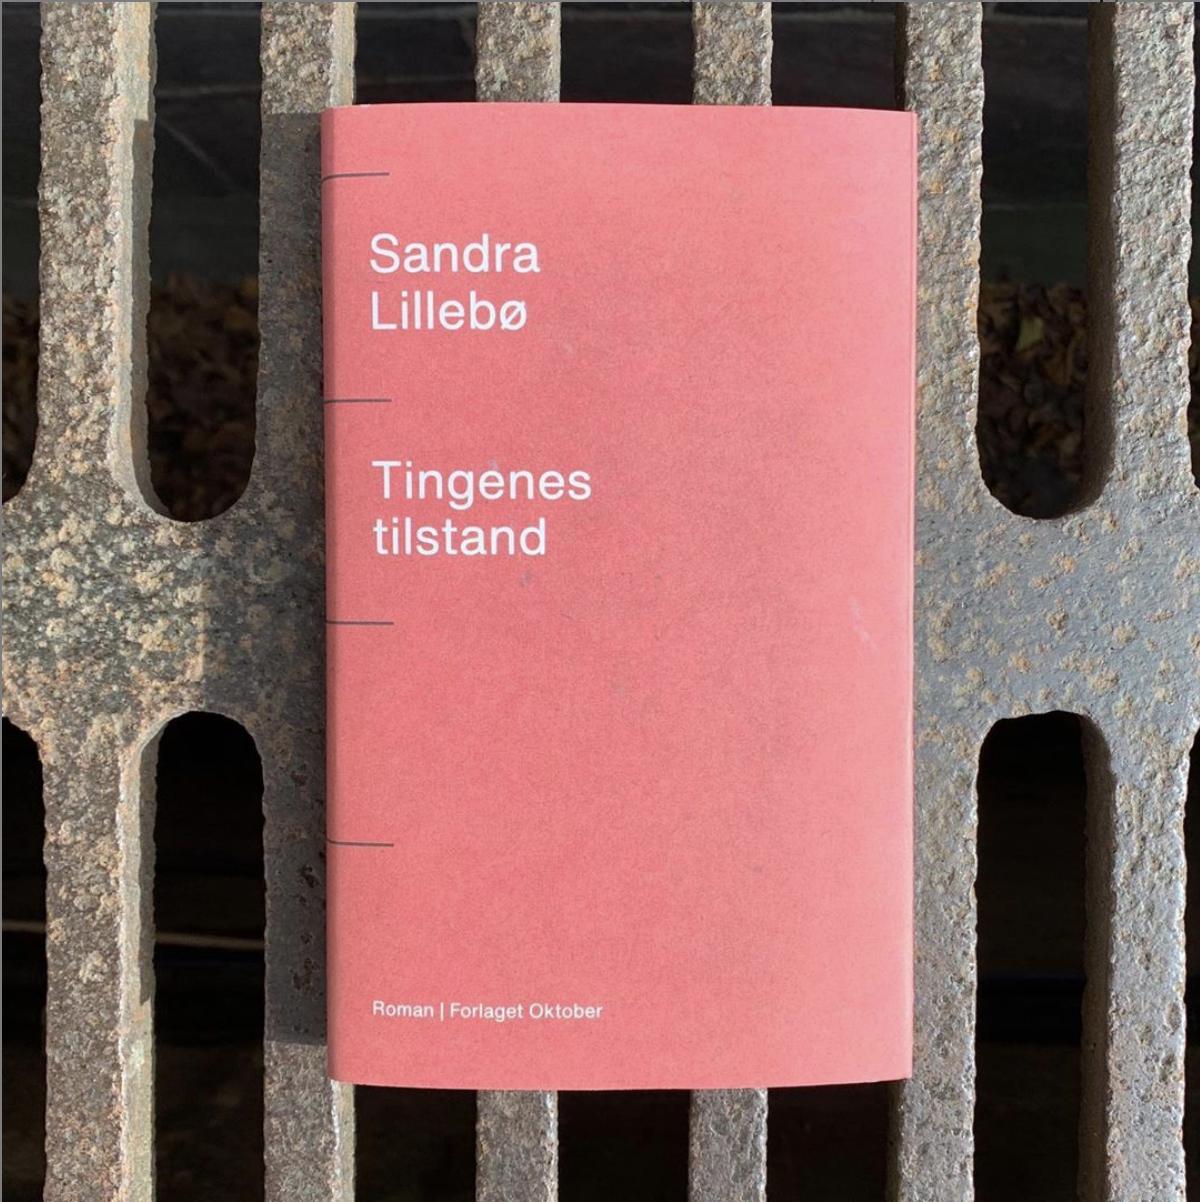 Per Marius Weidner-Olsen